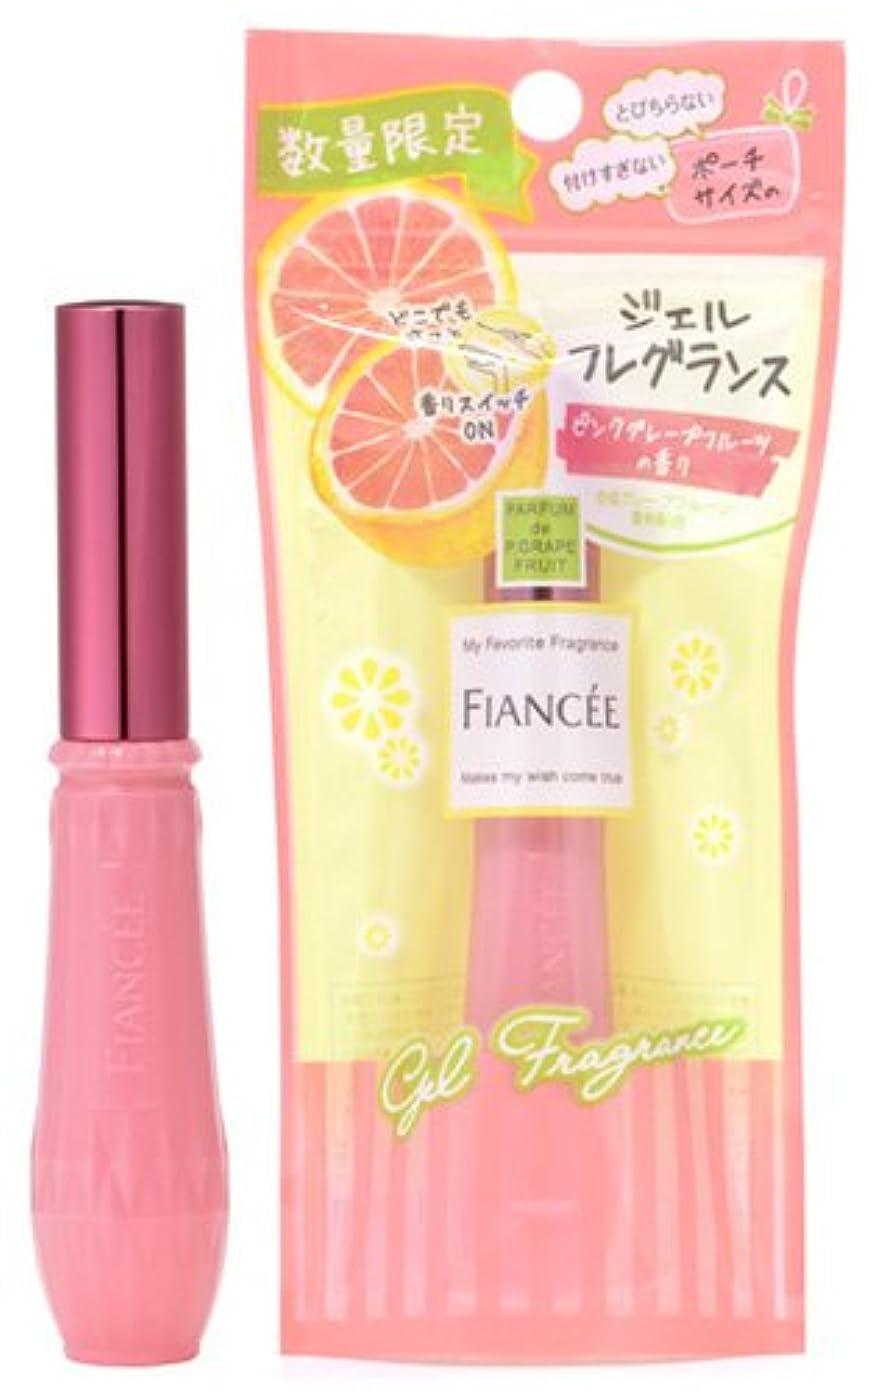 自分の力ですべてをする狂った相談するフィアンセ ジェルフレグランス ピンクグレープフルーツの香り